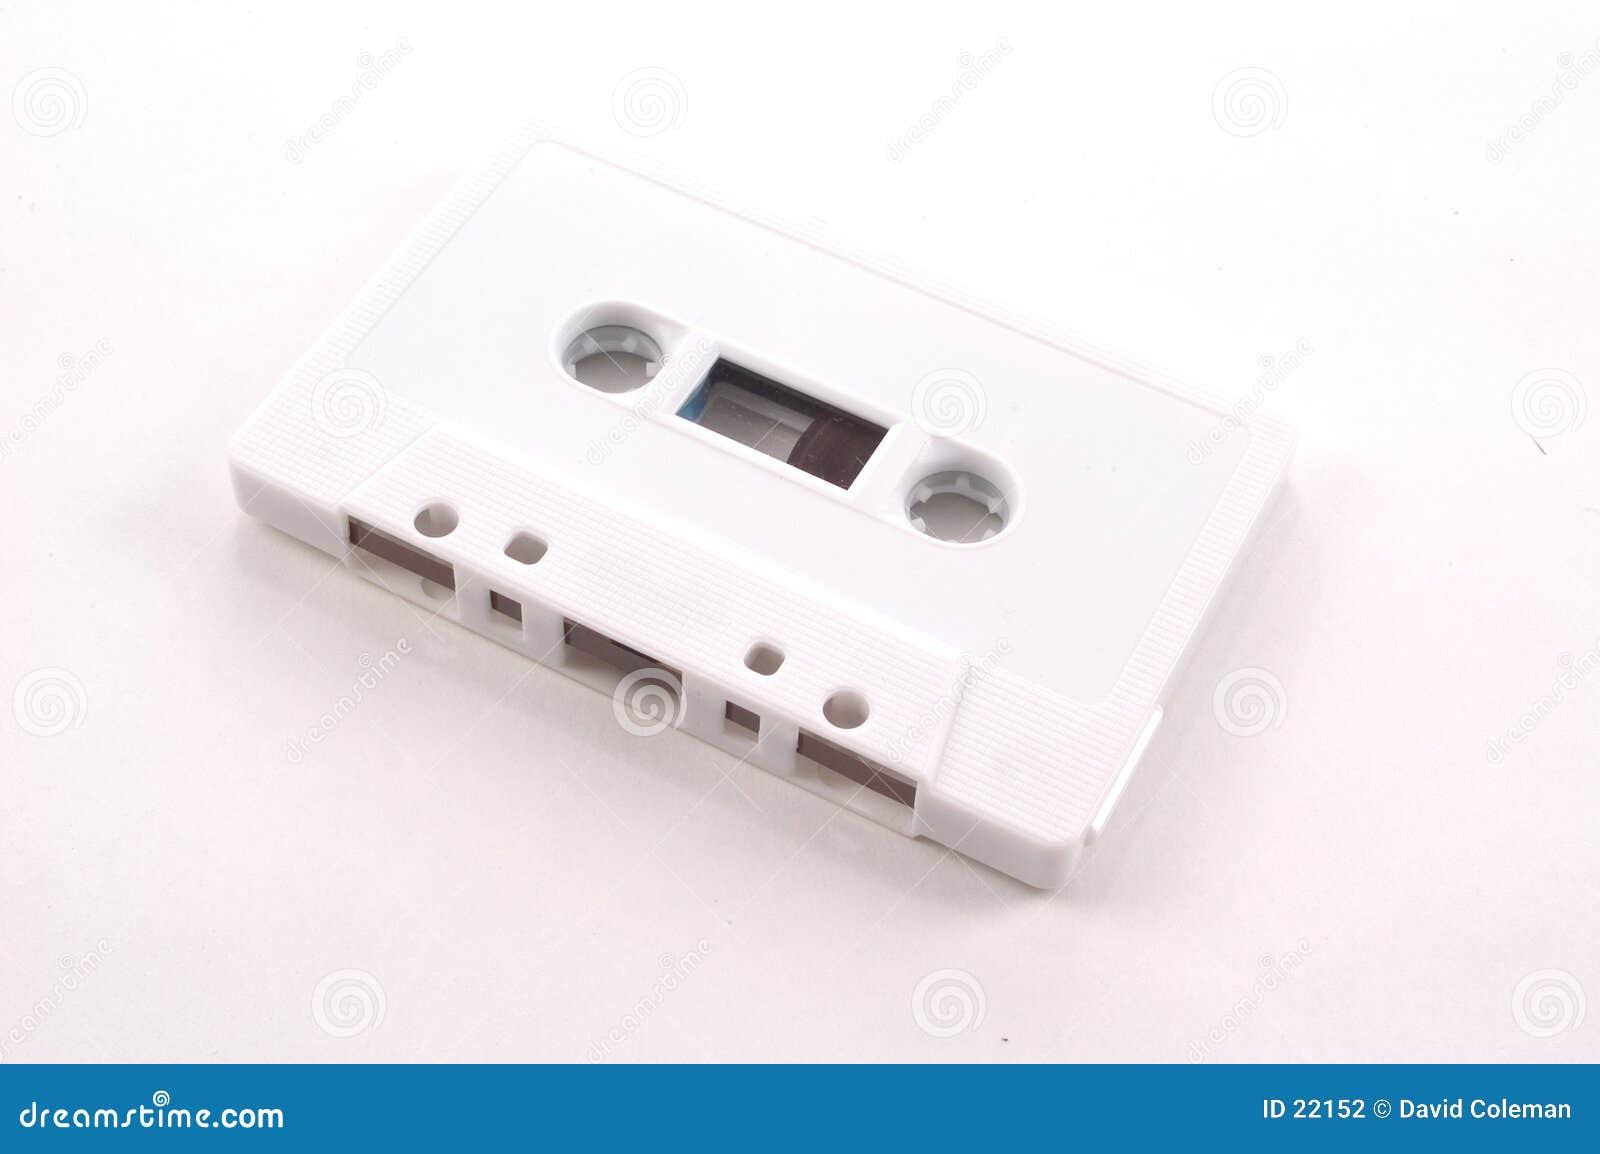 Cassette tape - full view